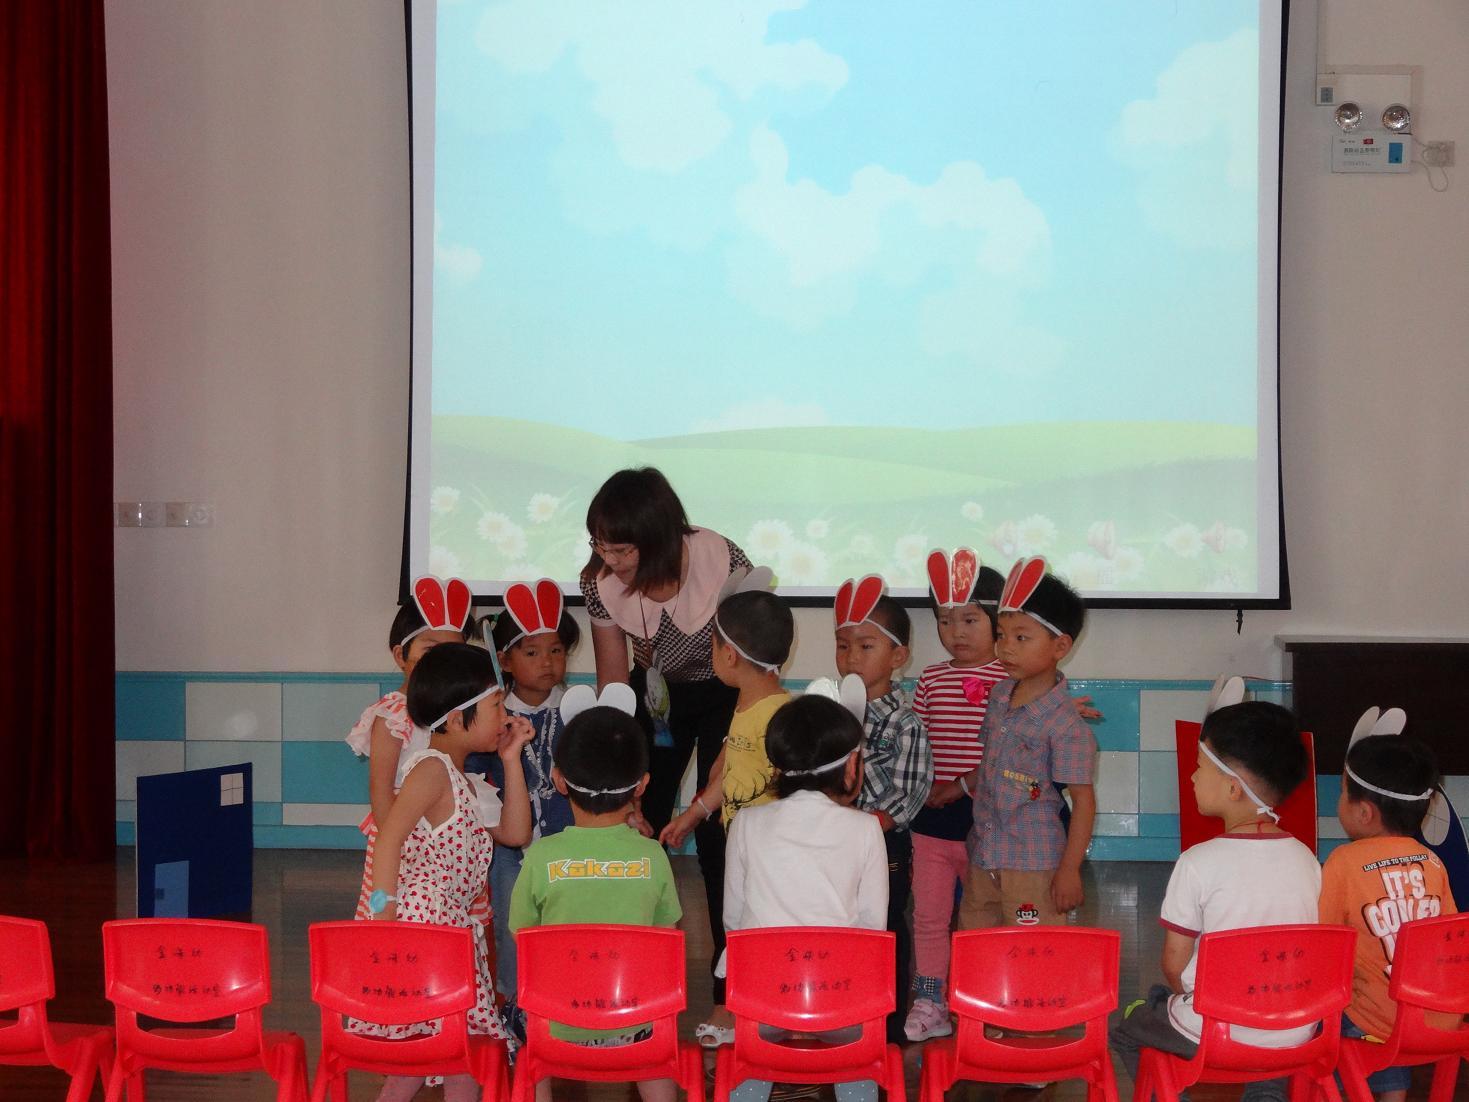 幼儿的学习方式